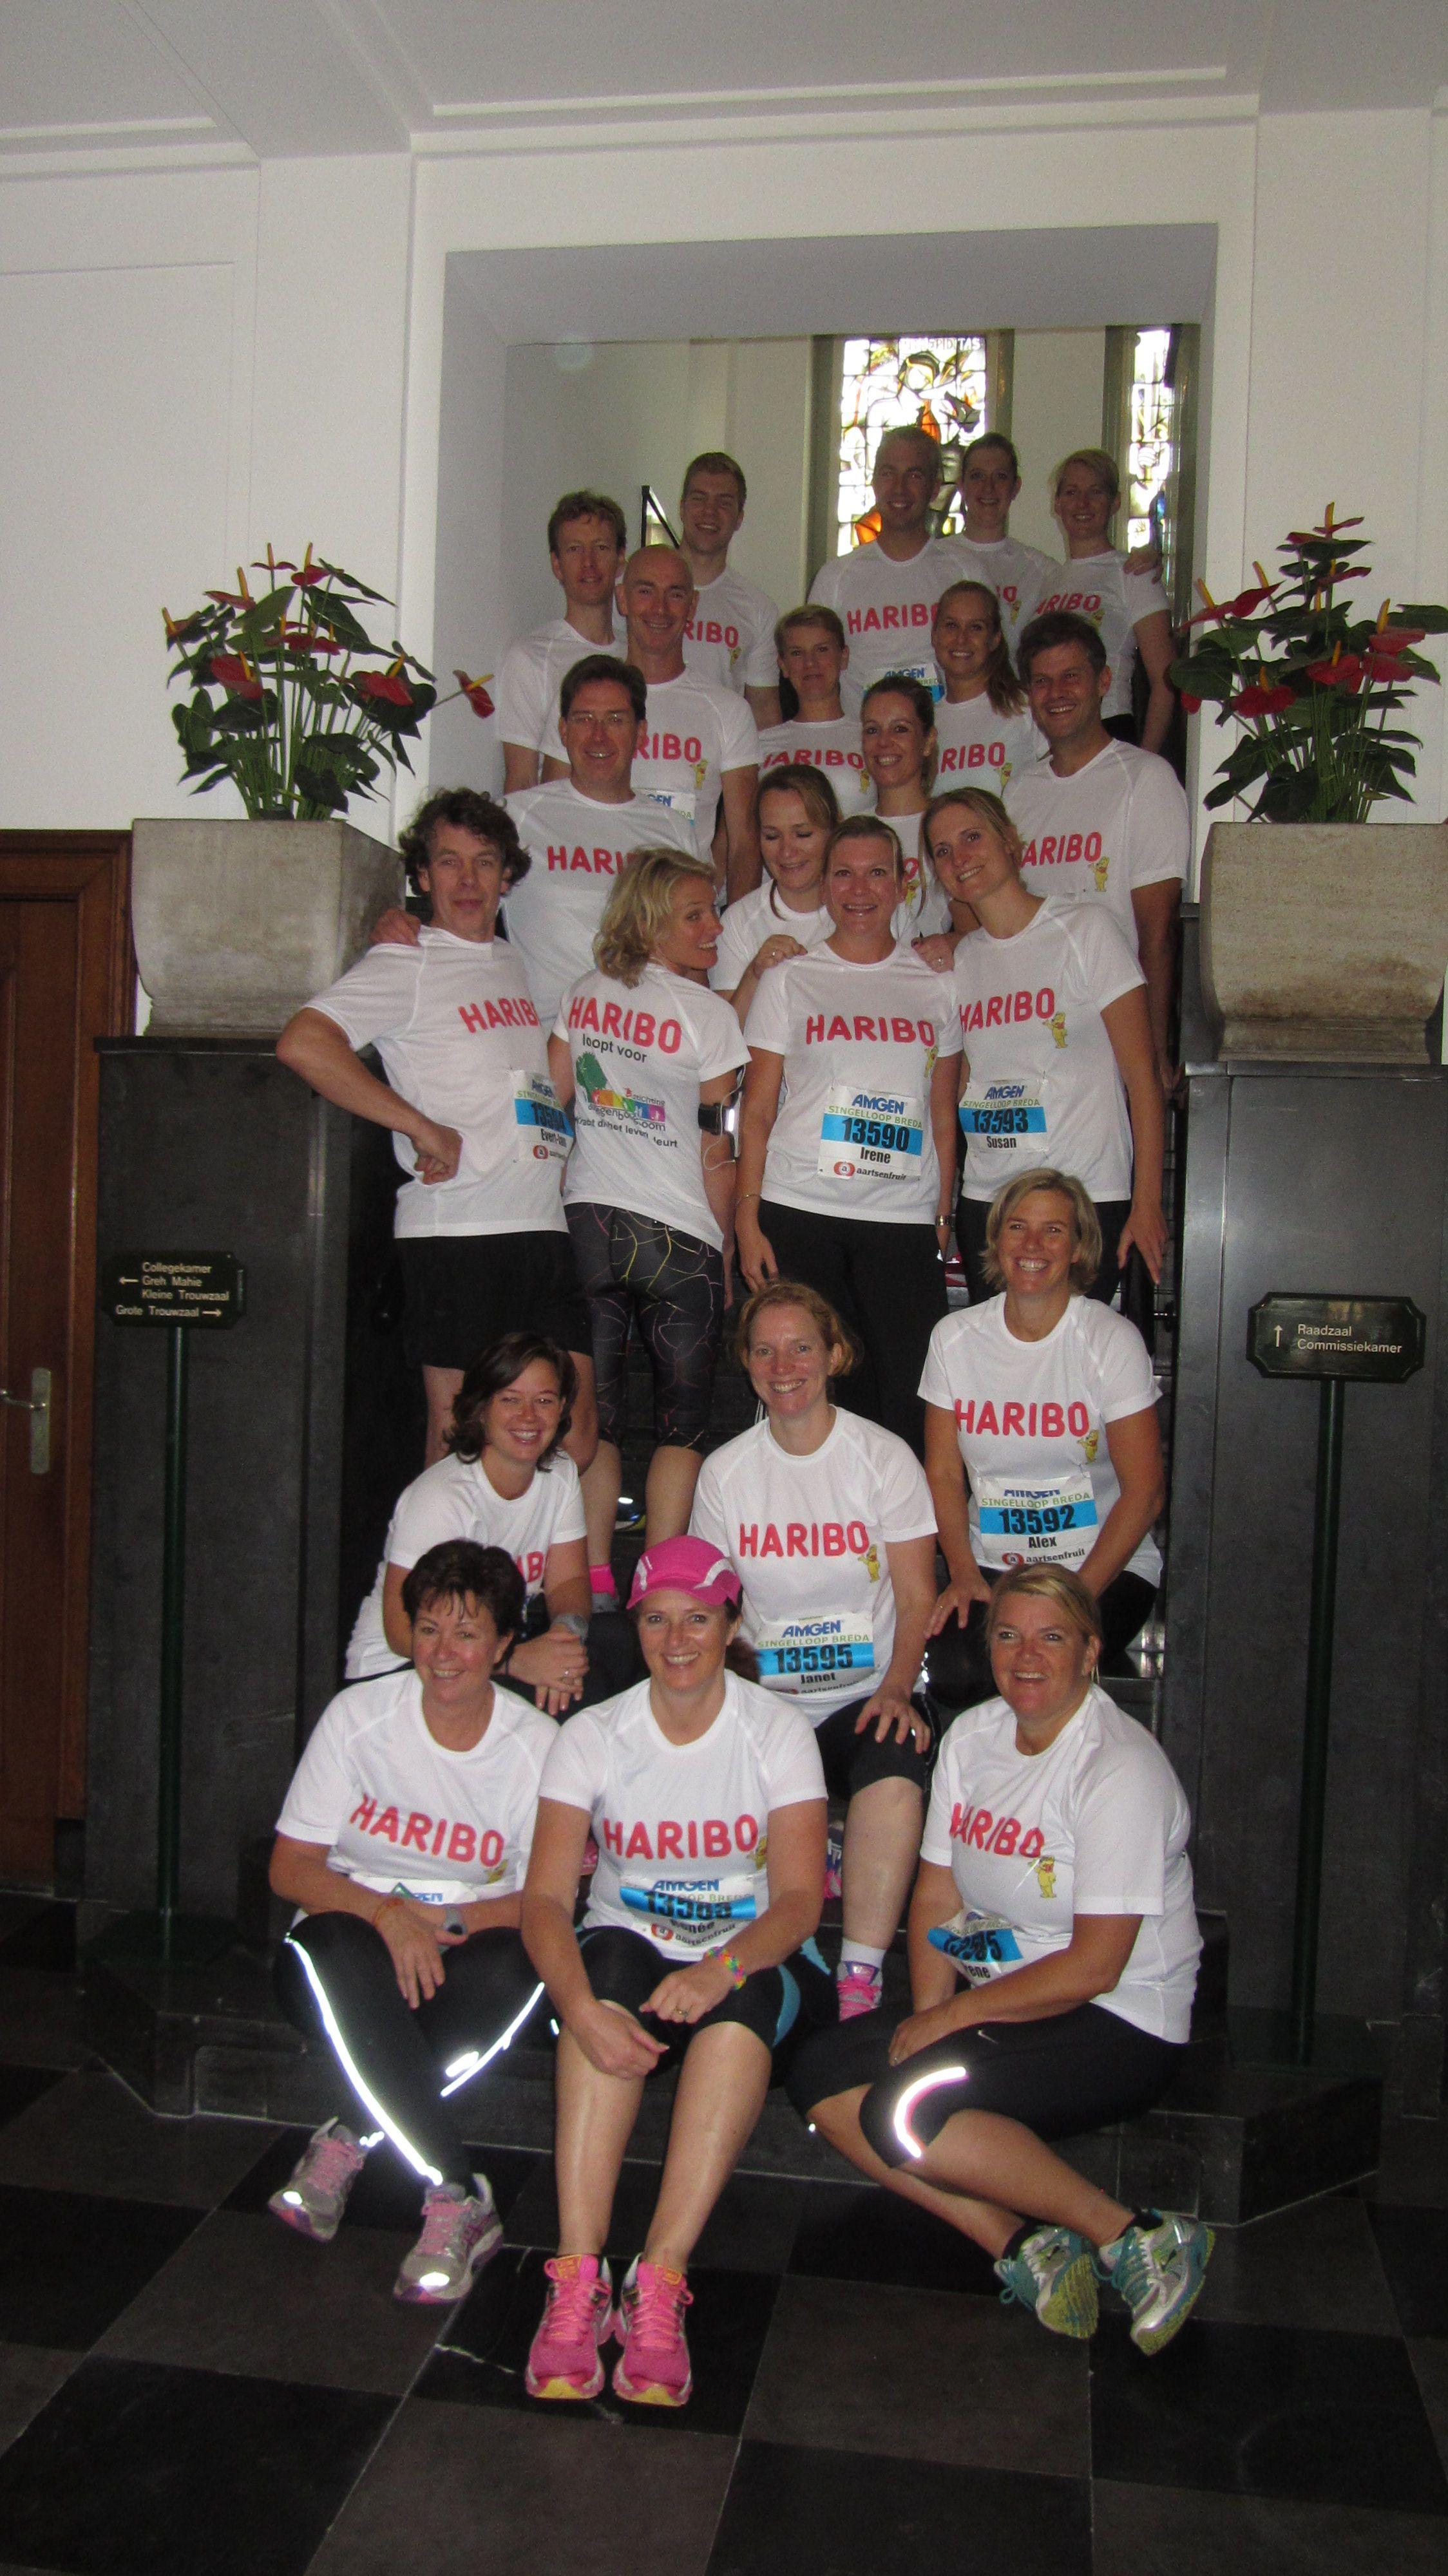 Regenboogboom renners op de trap in het stadhuis. Klaar voor de start!